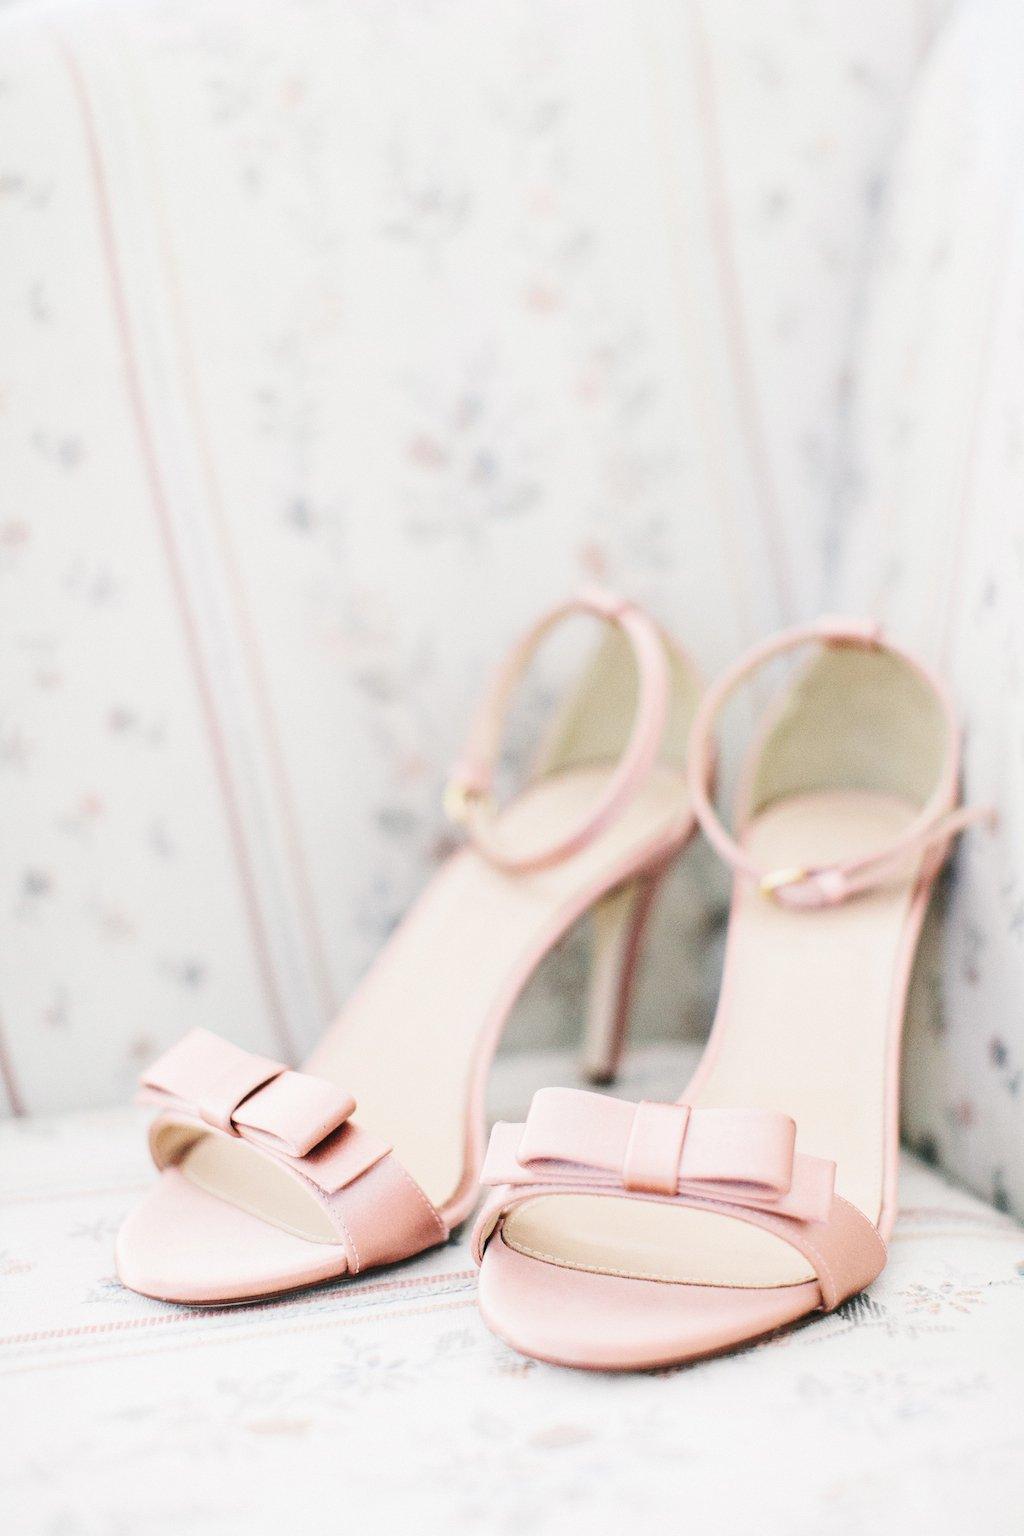 3.25.16cherry-blossom-wedding-ideas-dc-6